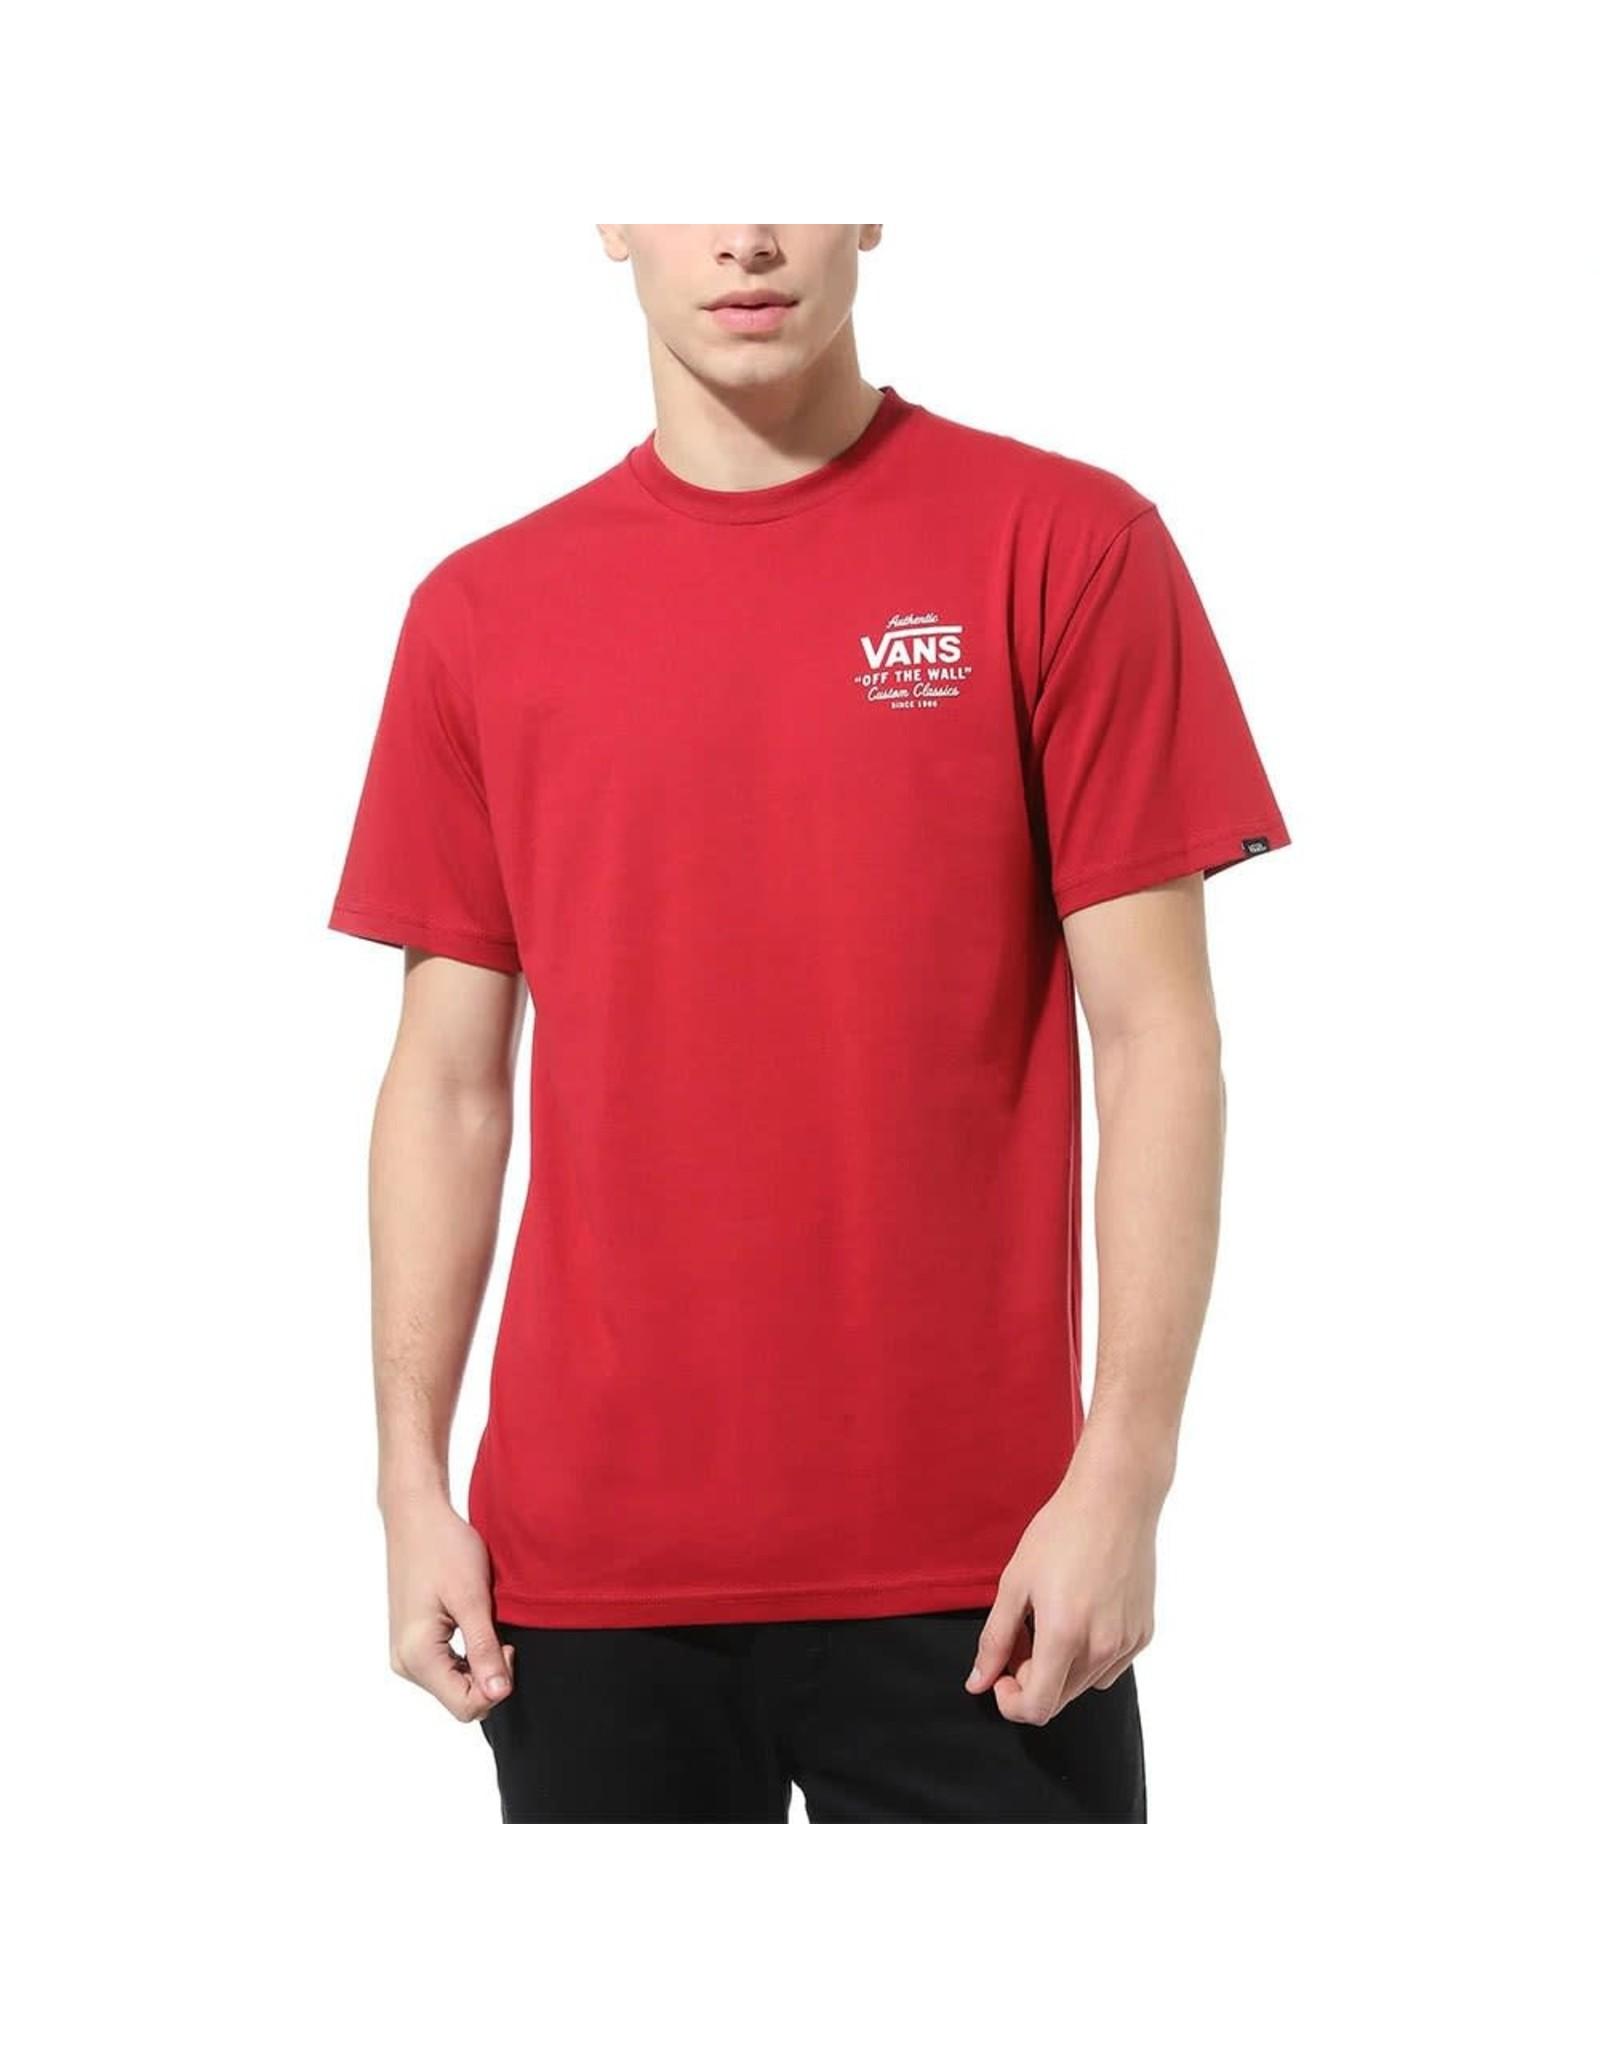 vans Vans - T-shirt homme holder st classic high risk red